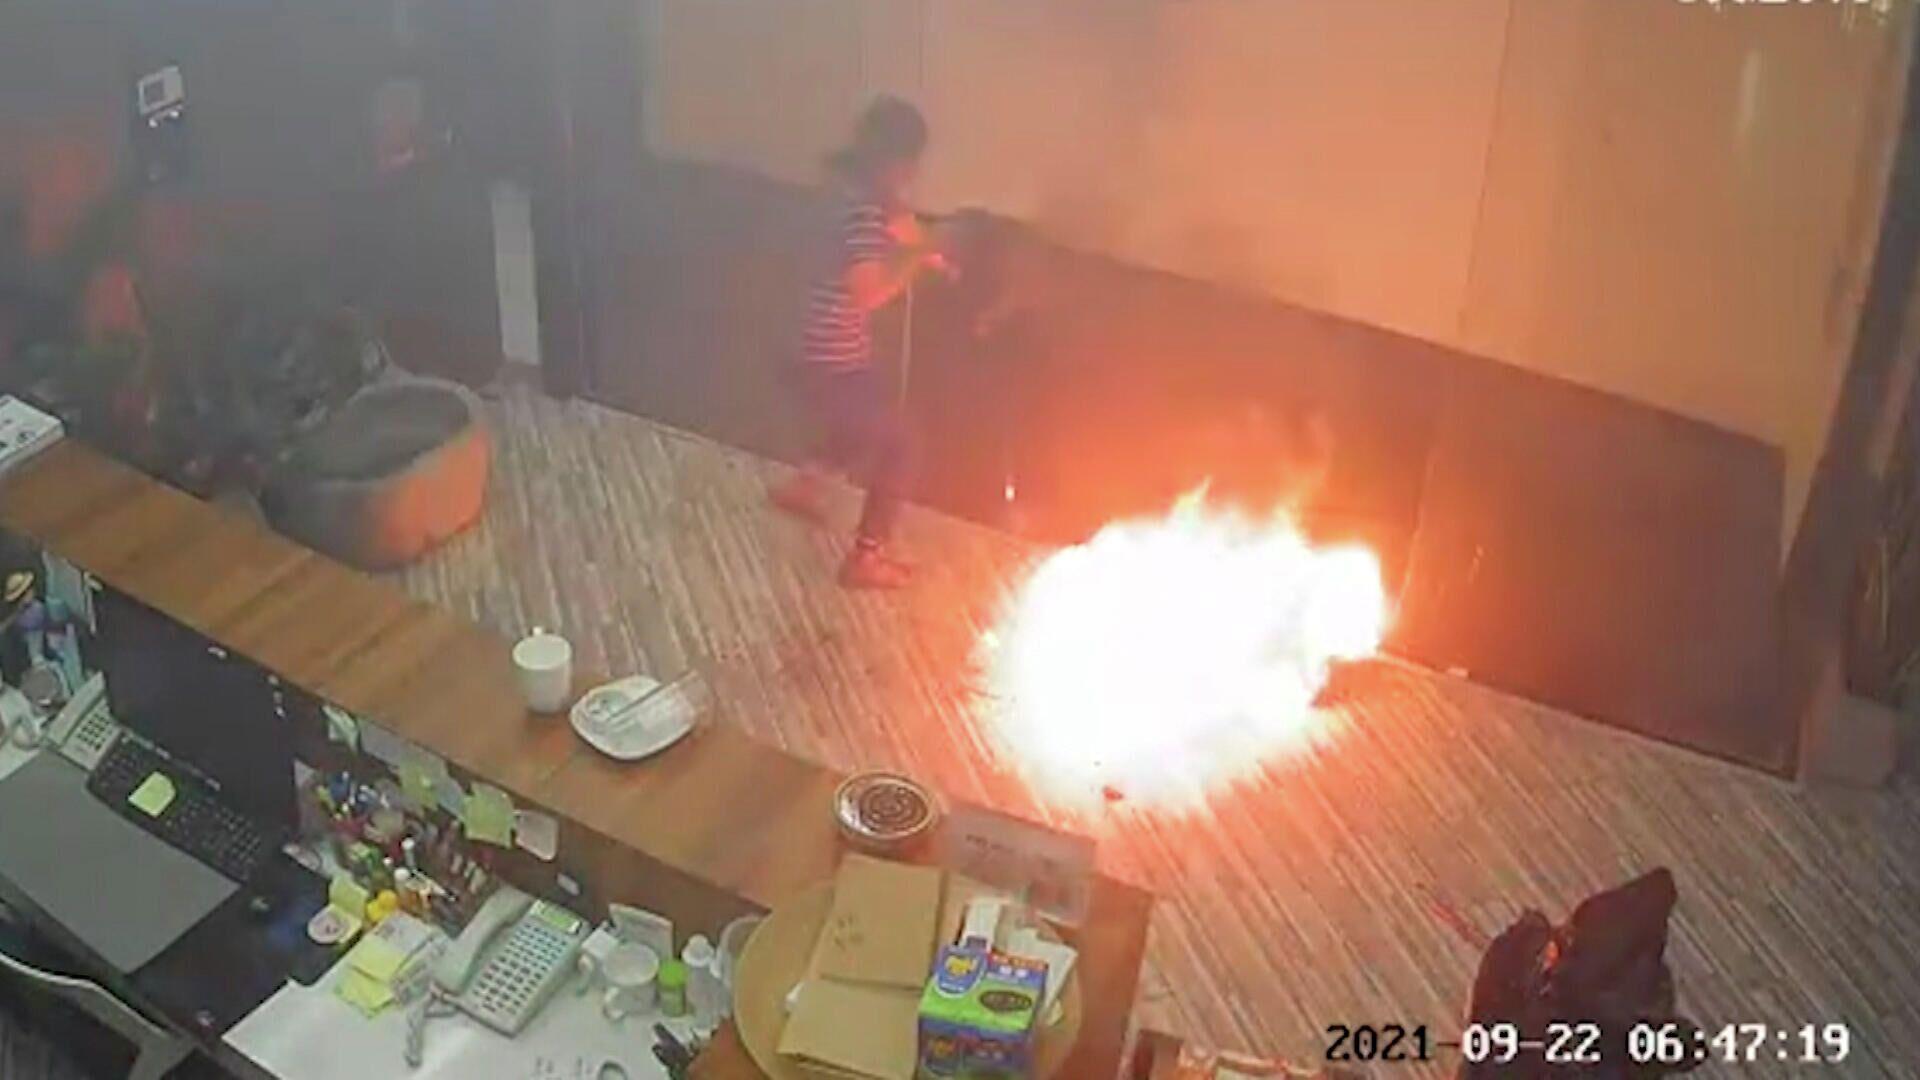 Μπαταρία ηλεκτρικού ποδήλατου εκρήγνυται δεκάδες φορές σε γραφείο στην Κίνα - Sputnik Ελλάδα, 1920, 28.09.2021